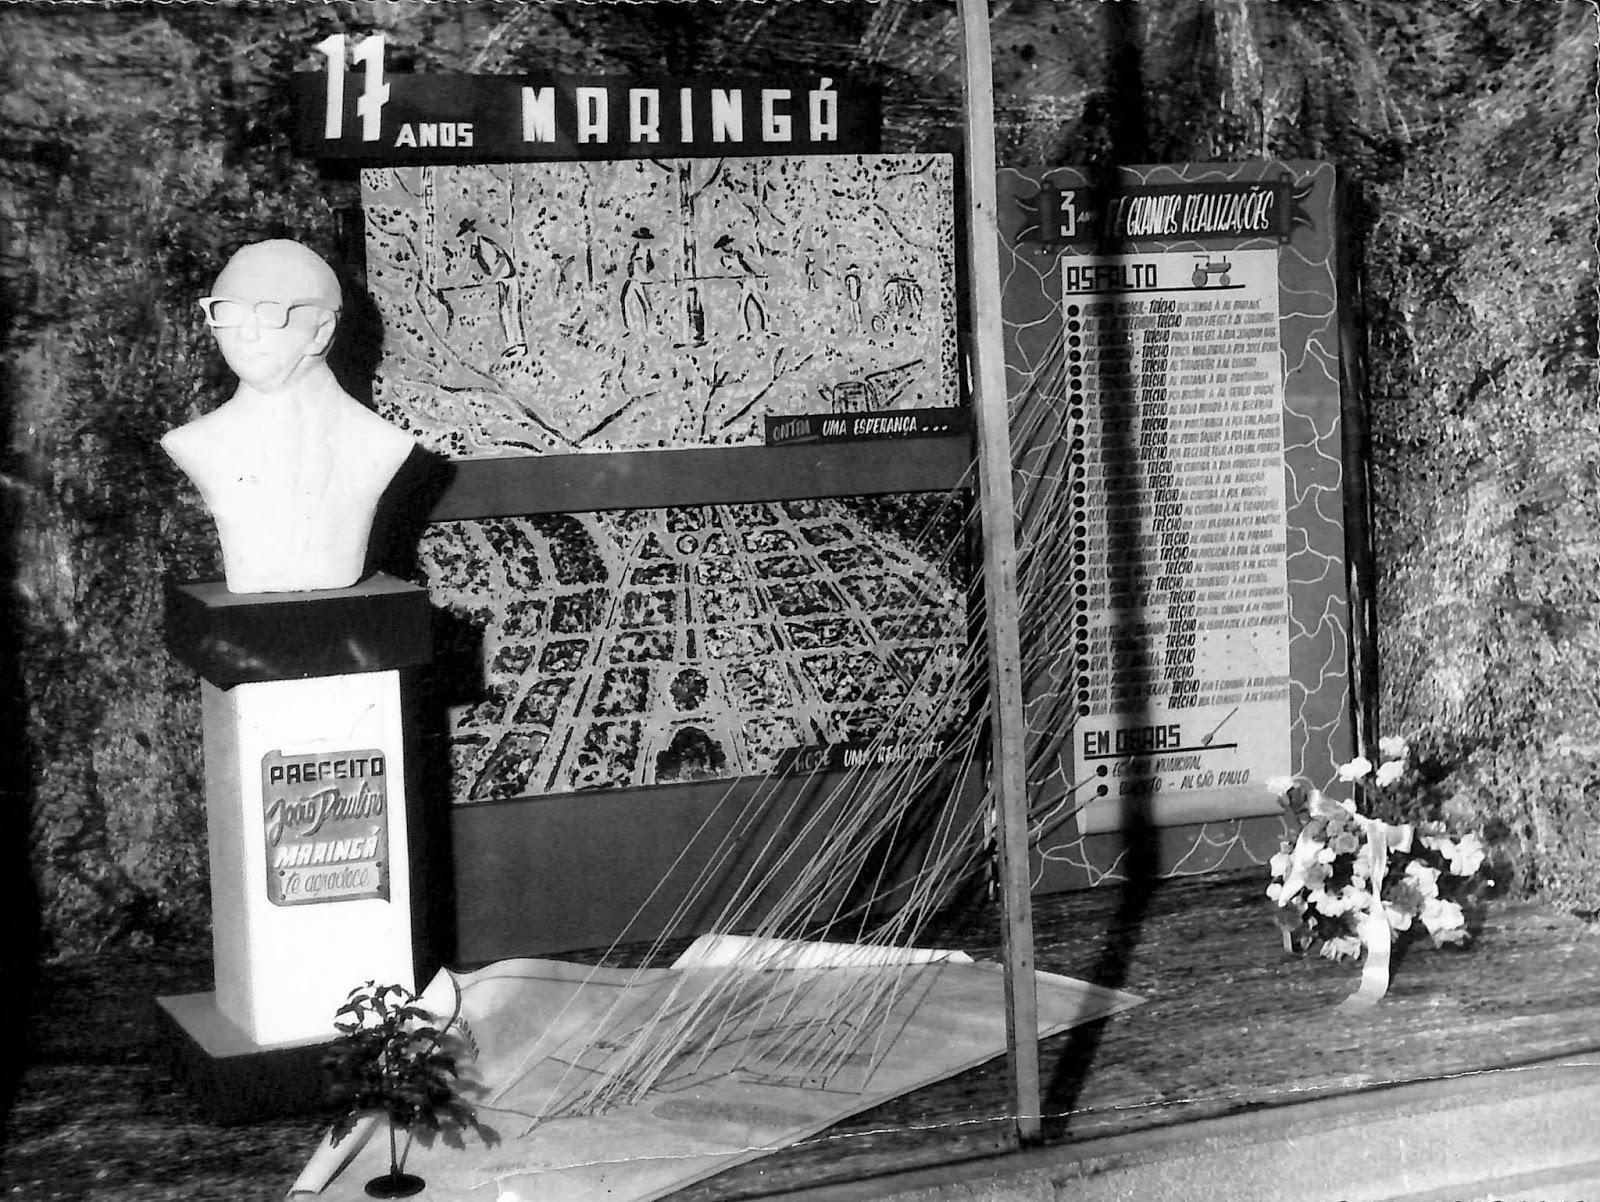 Homenagens ao 17º aniversário de Maringá - 1964